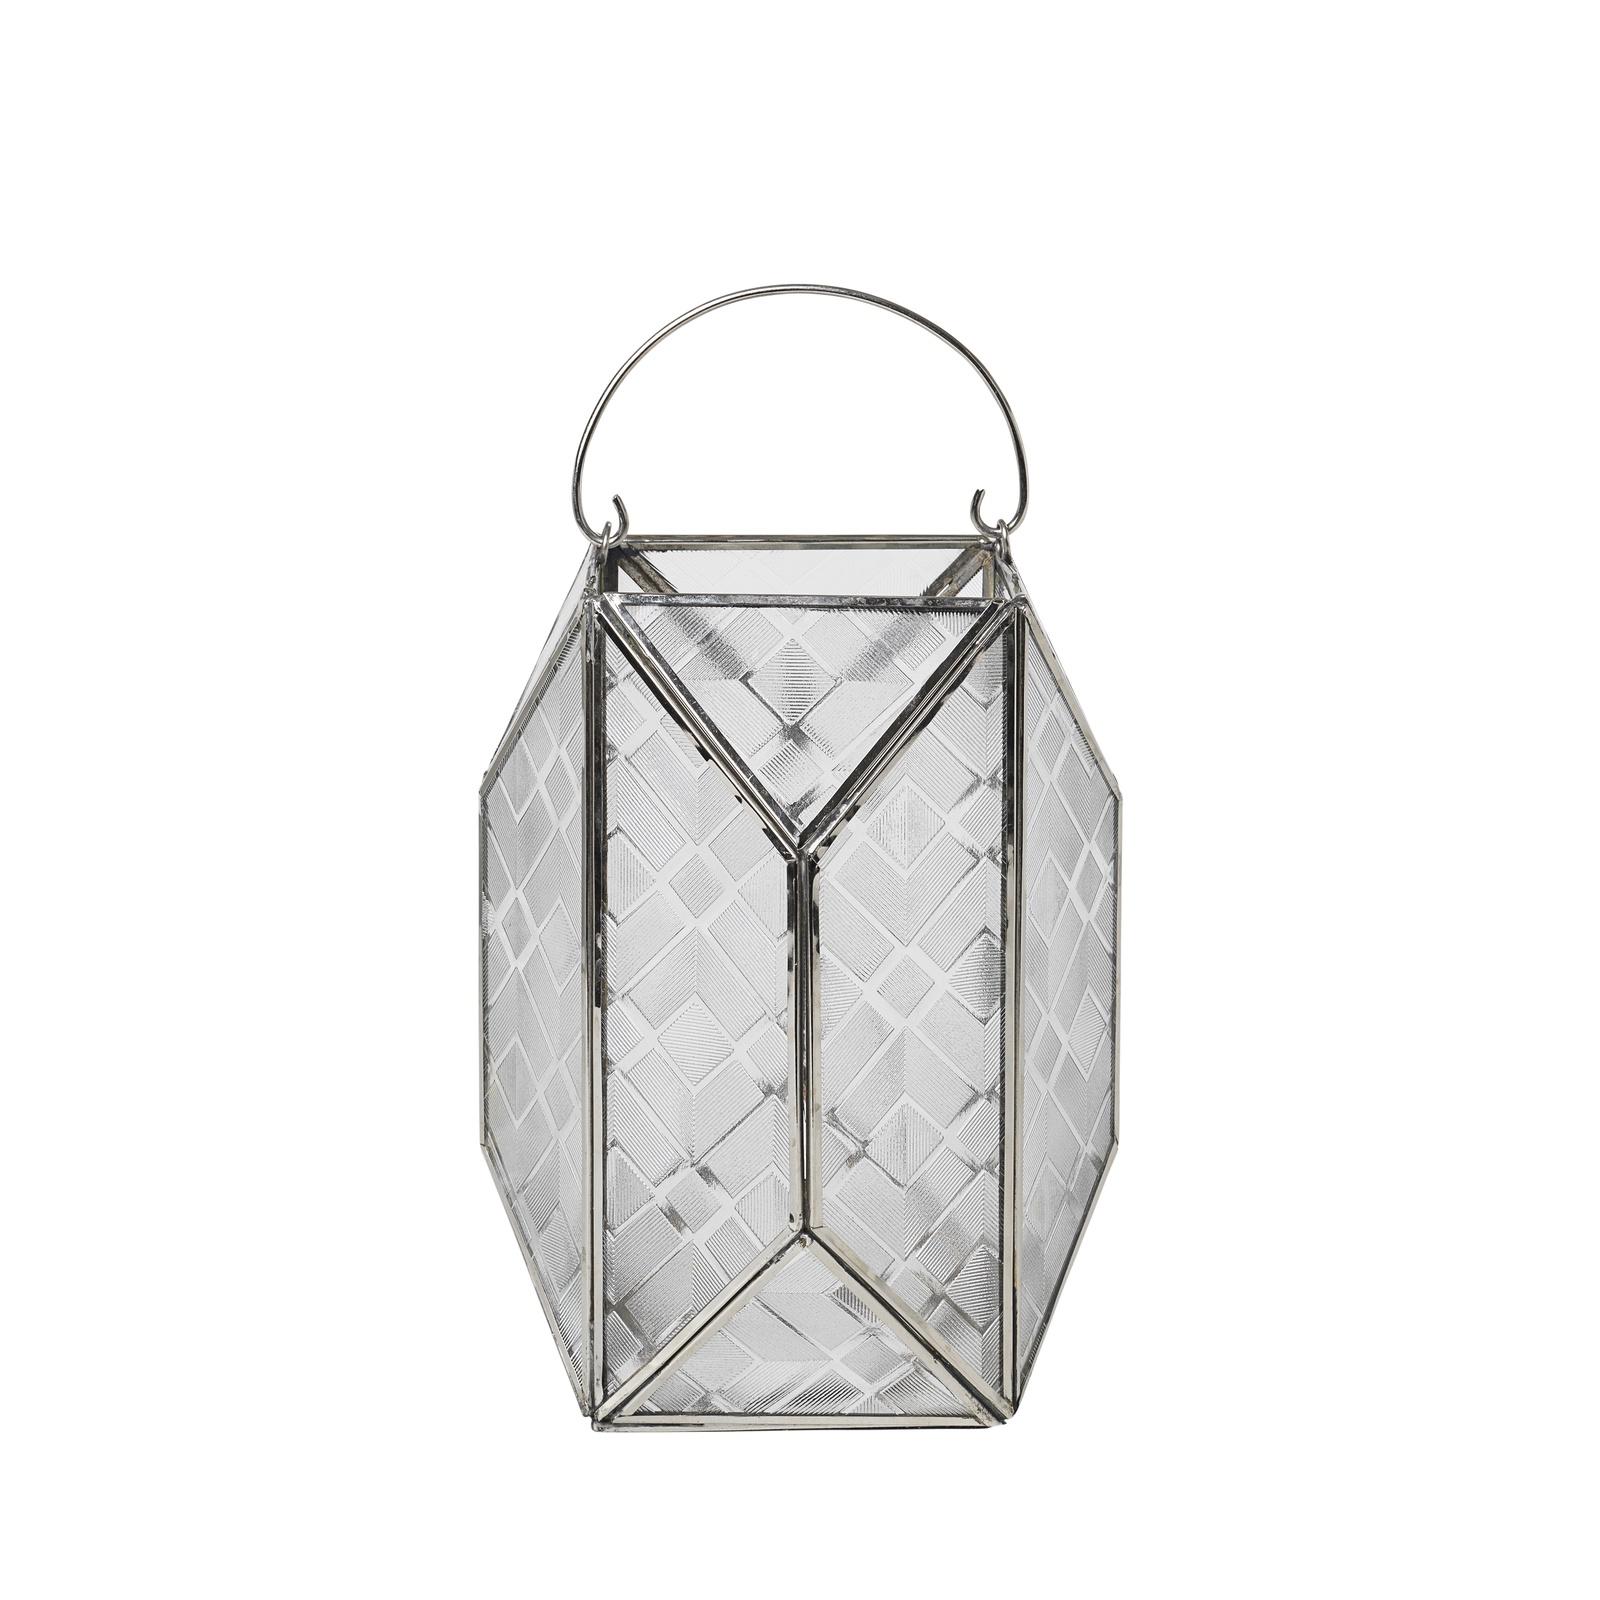 Фонарь-подсвечник Broste Meili 70140013, прозрачный, серебряный, 17 х 17 х 24 см подсвечник фонарь 24 5х38 см